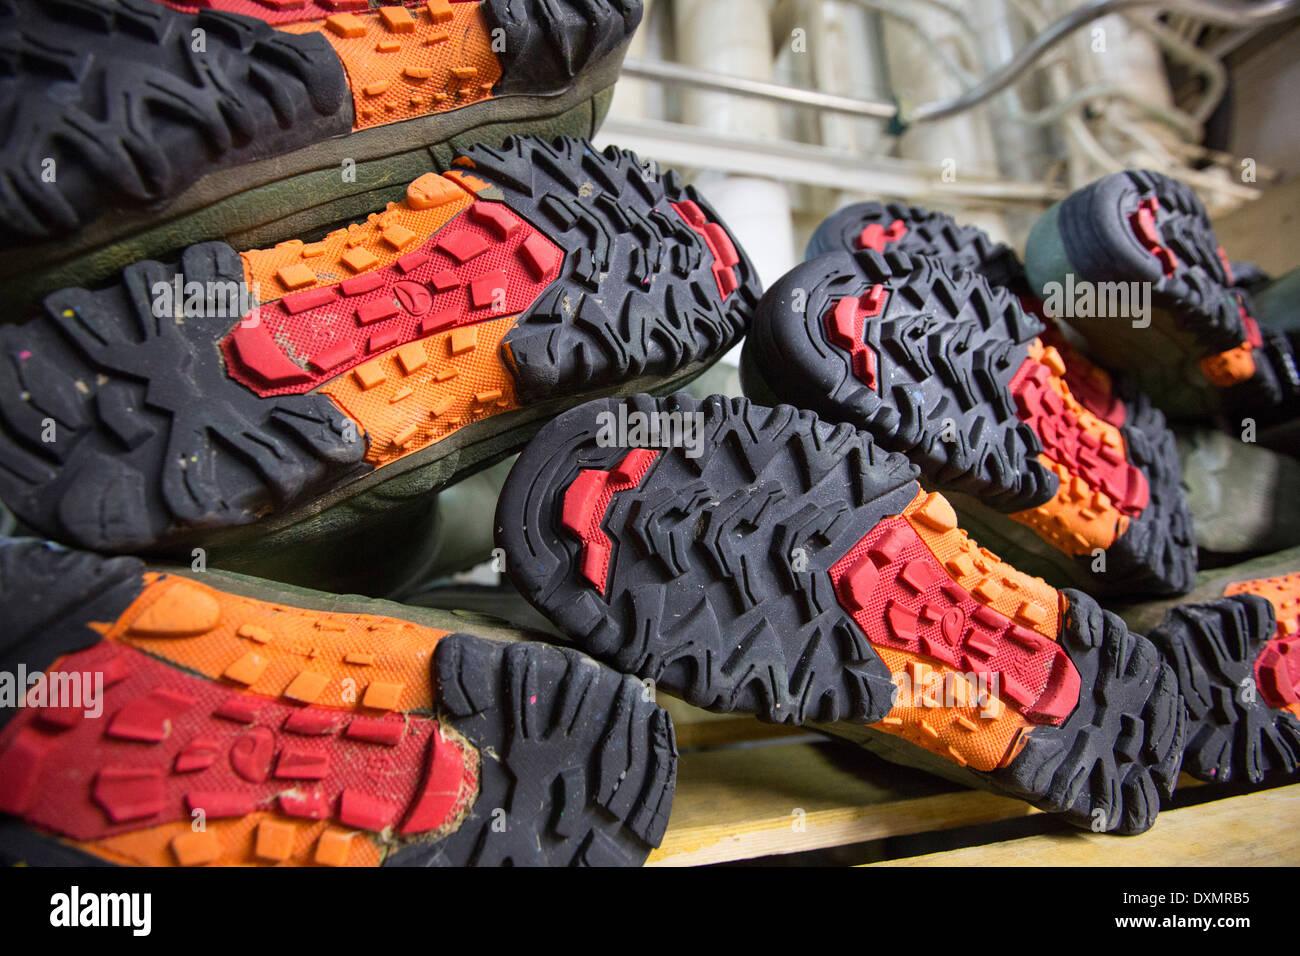 Wellingotn boots. - Stock Image